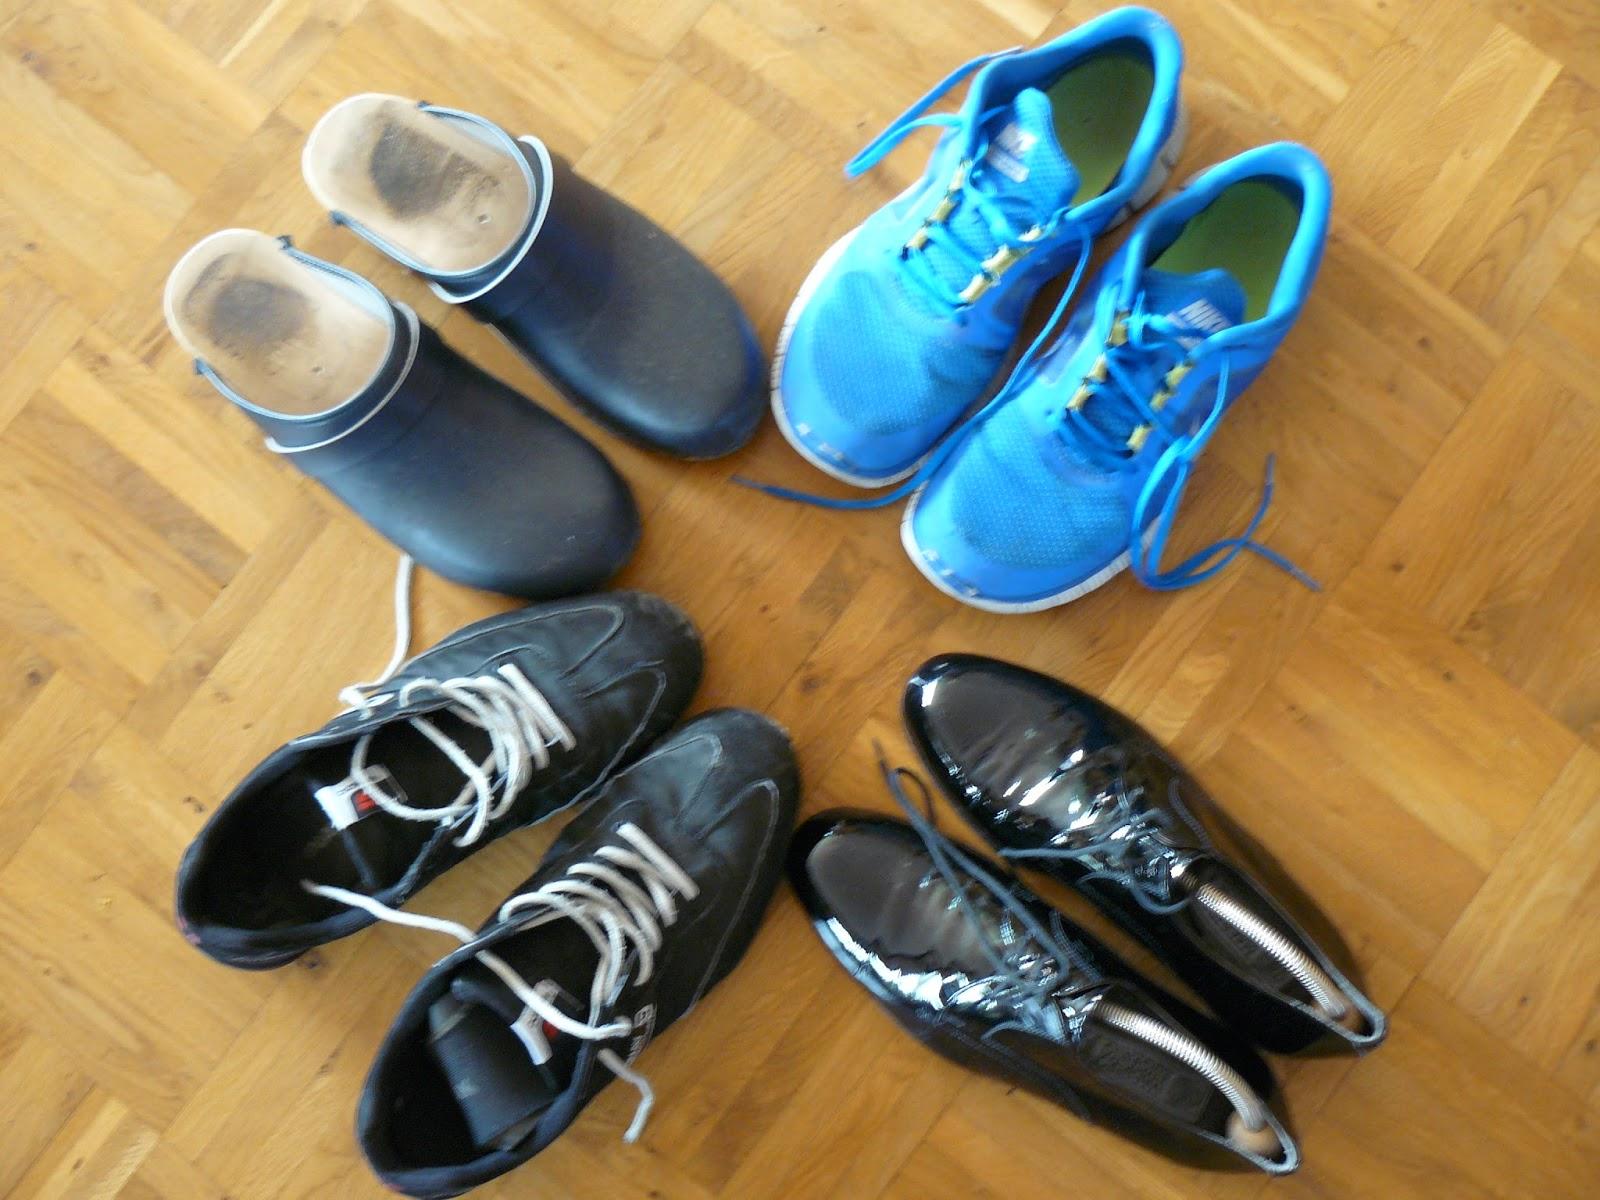 Schuhe polieren vor dem Auftritt, aber welche...